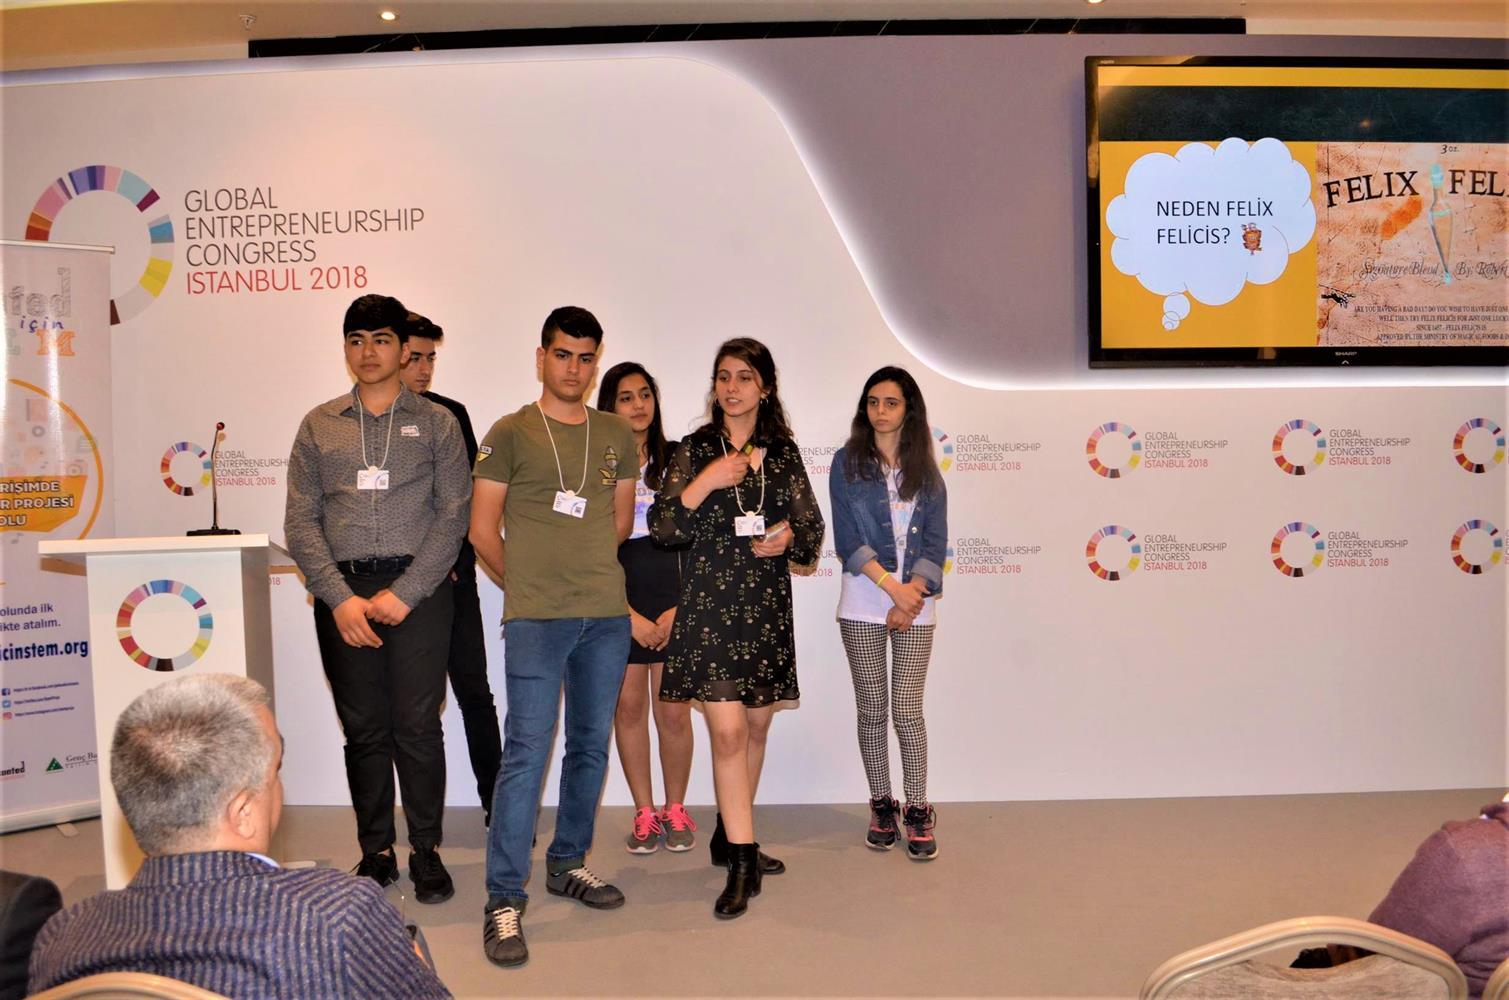 TÜRKONFED STEM Anadolu Global Girişimcilik Kongresi 17 - 18